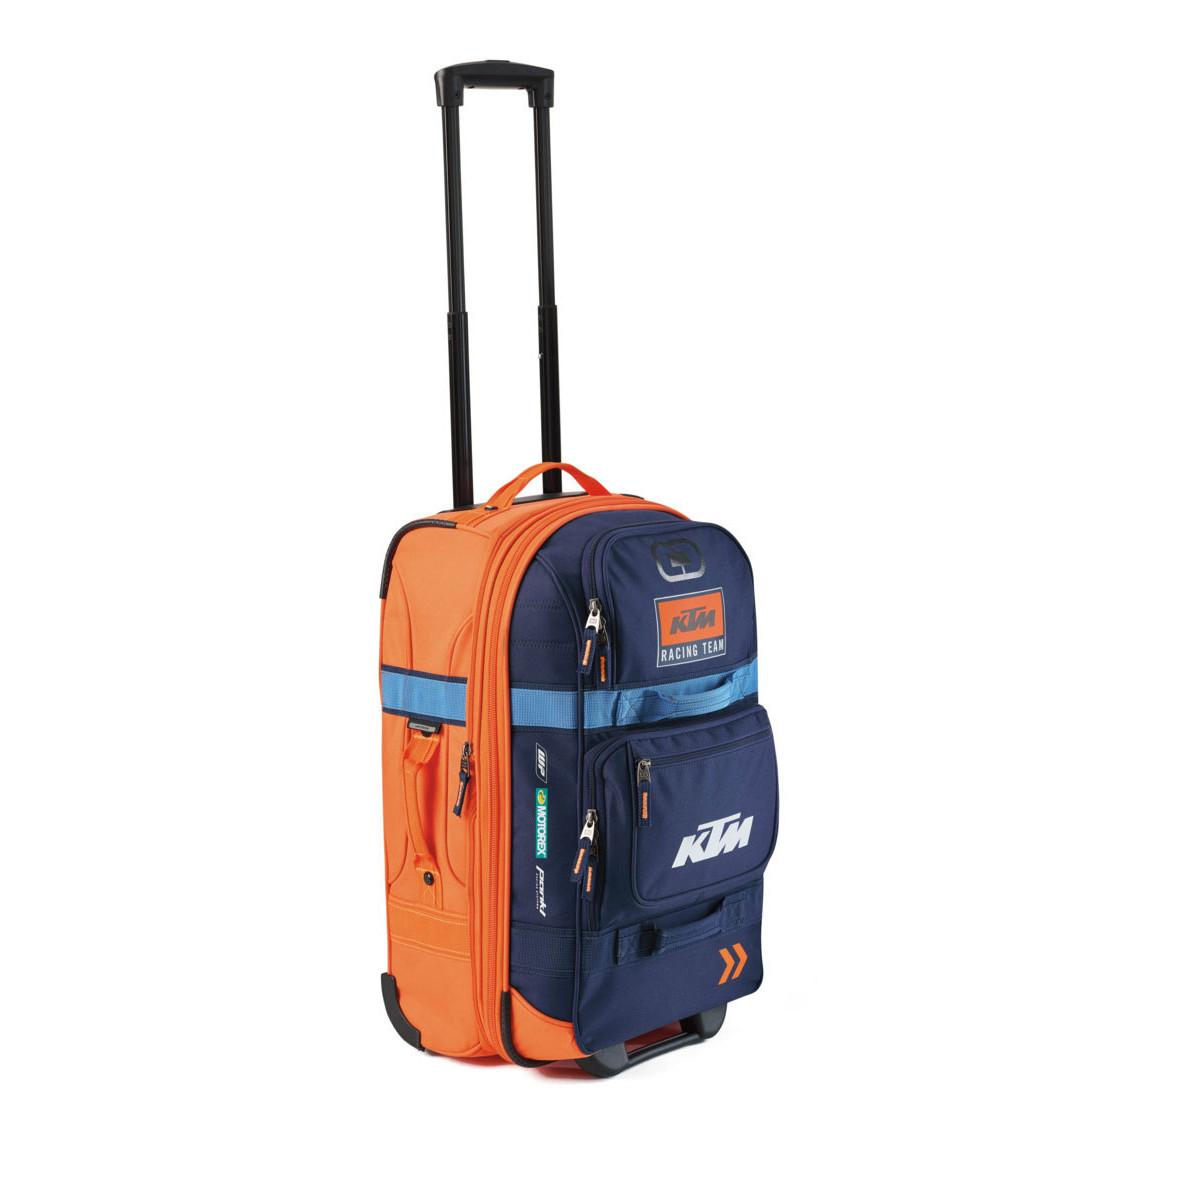 Valija de Viaje Ktm Layover Con Ruedas Azul Naranja Original